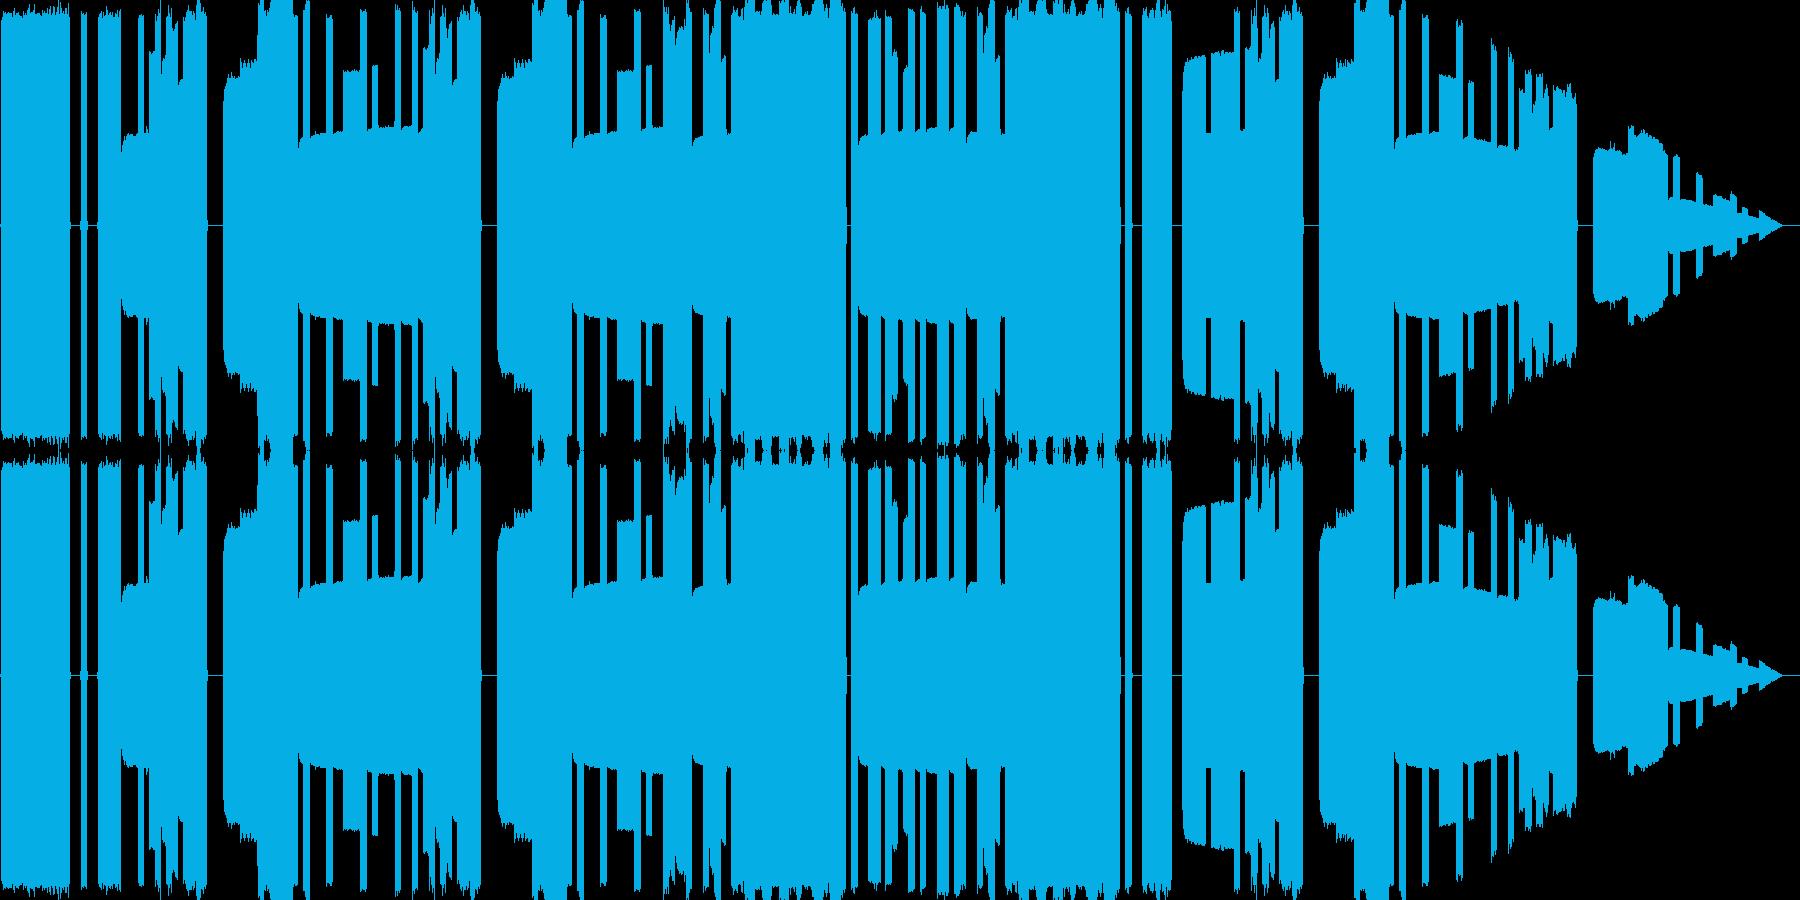 ピコピコ音源の陽気なループ曲の再生済みの波形